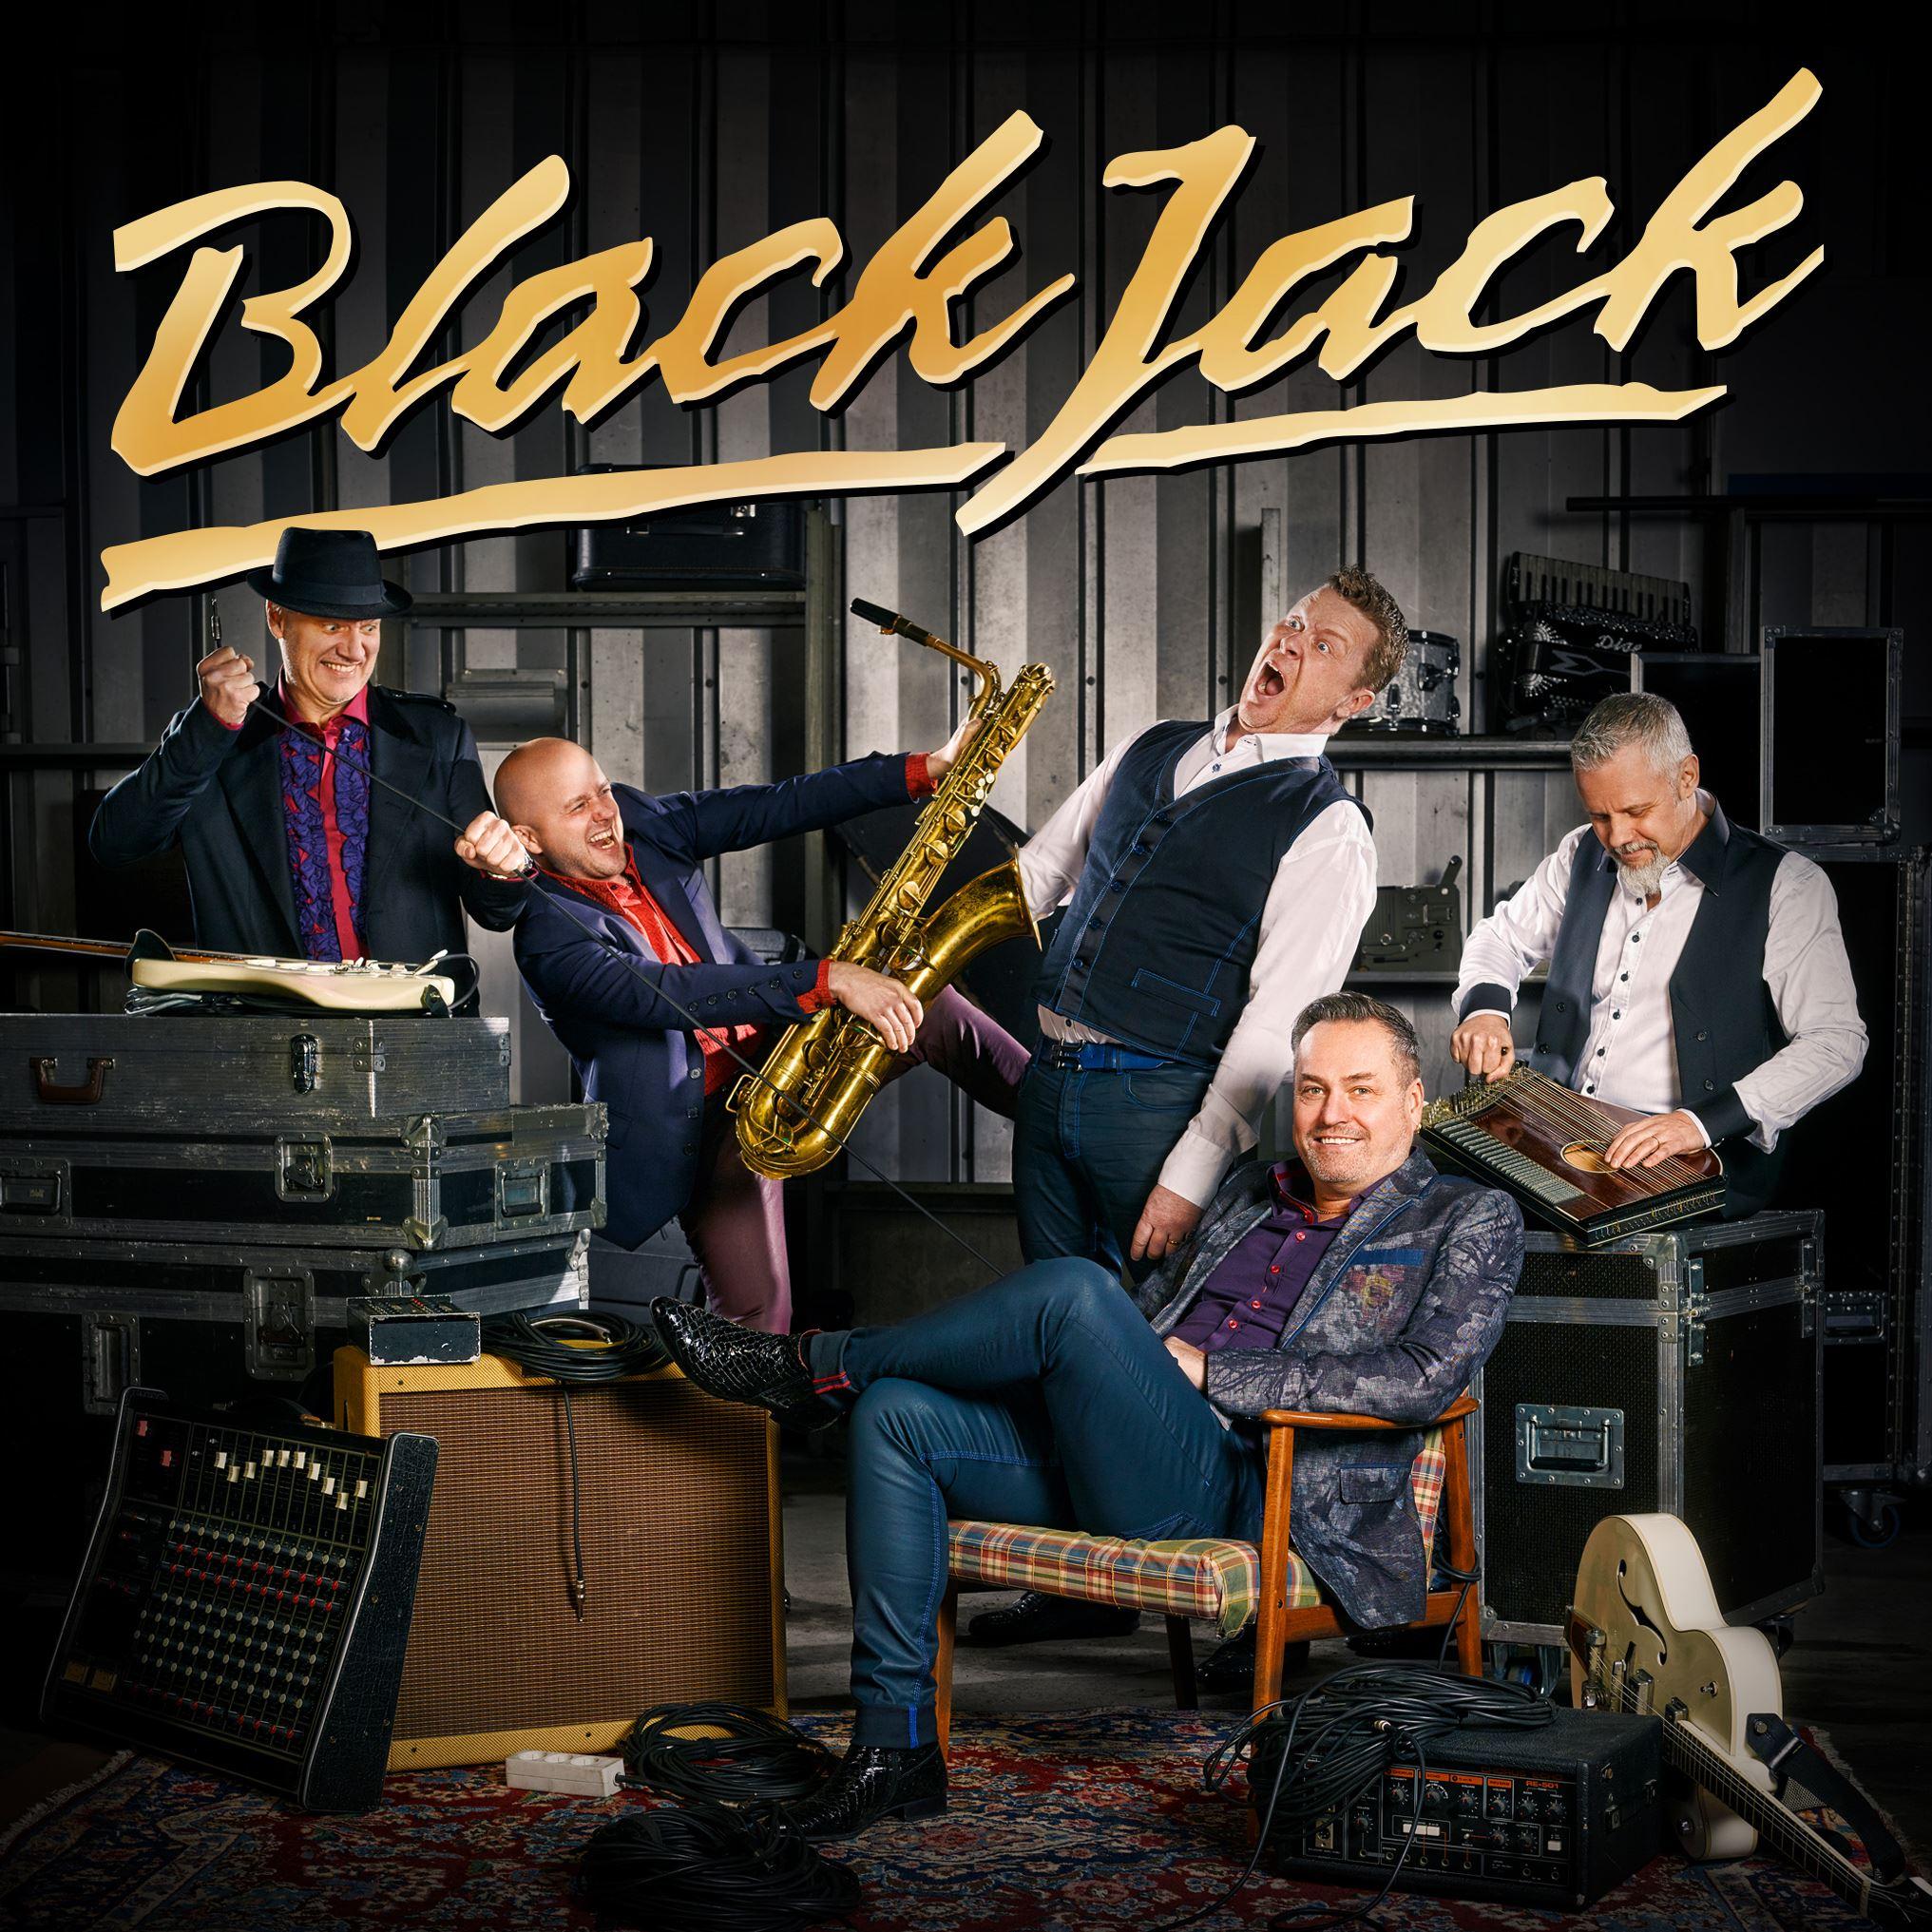 Dans till Black Jack